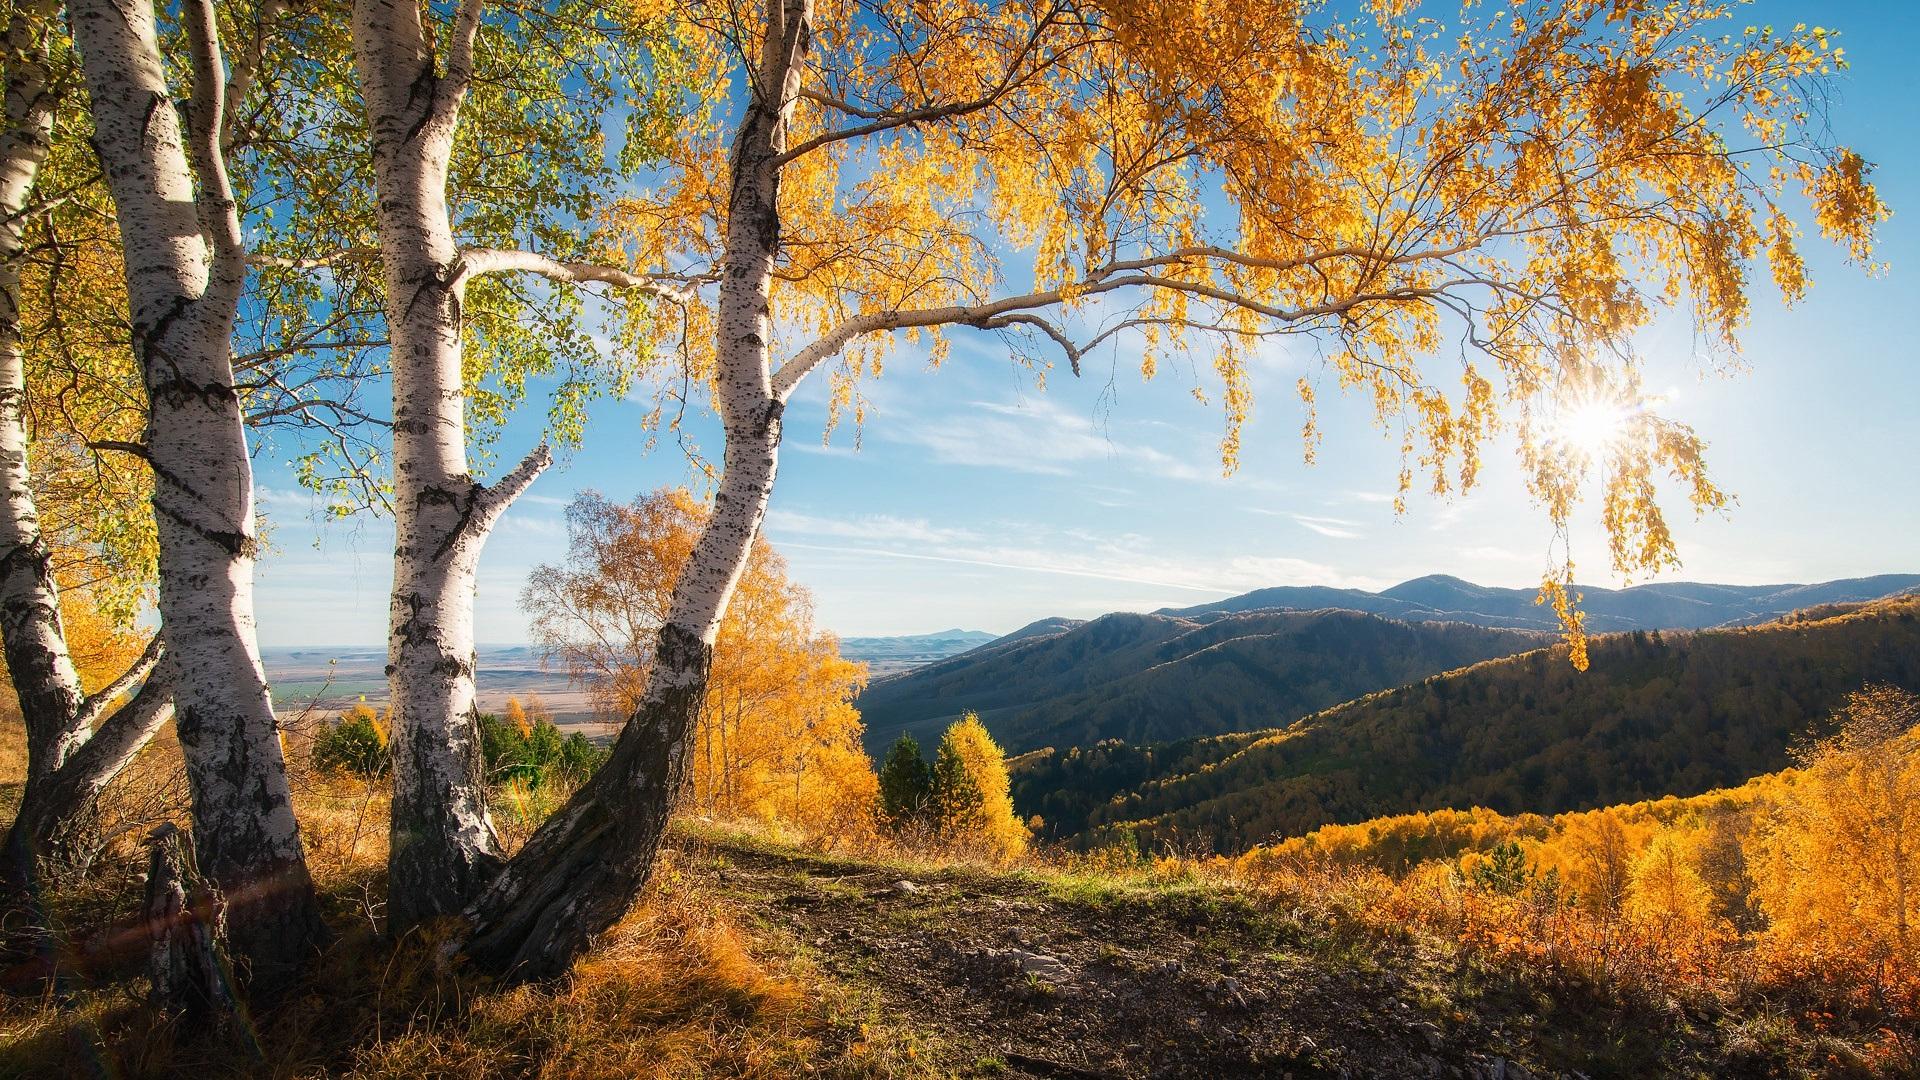 壁紙 秋 山 木 太陽 美しい自然の風景 19x1080 Full Hd 2k 無料のデスクトップの背景 画像